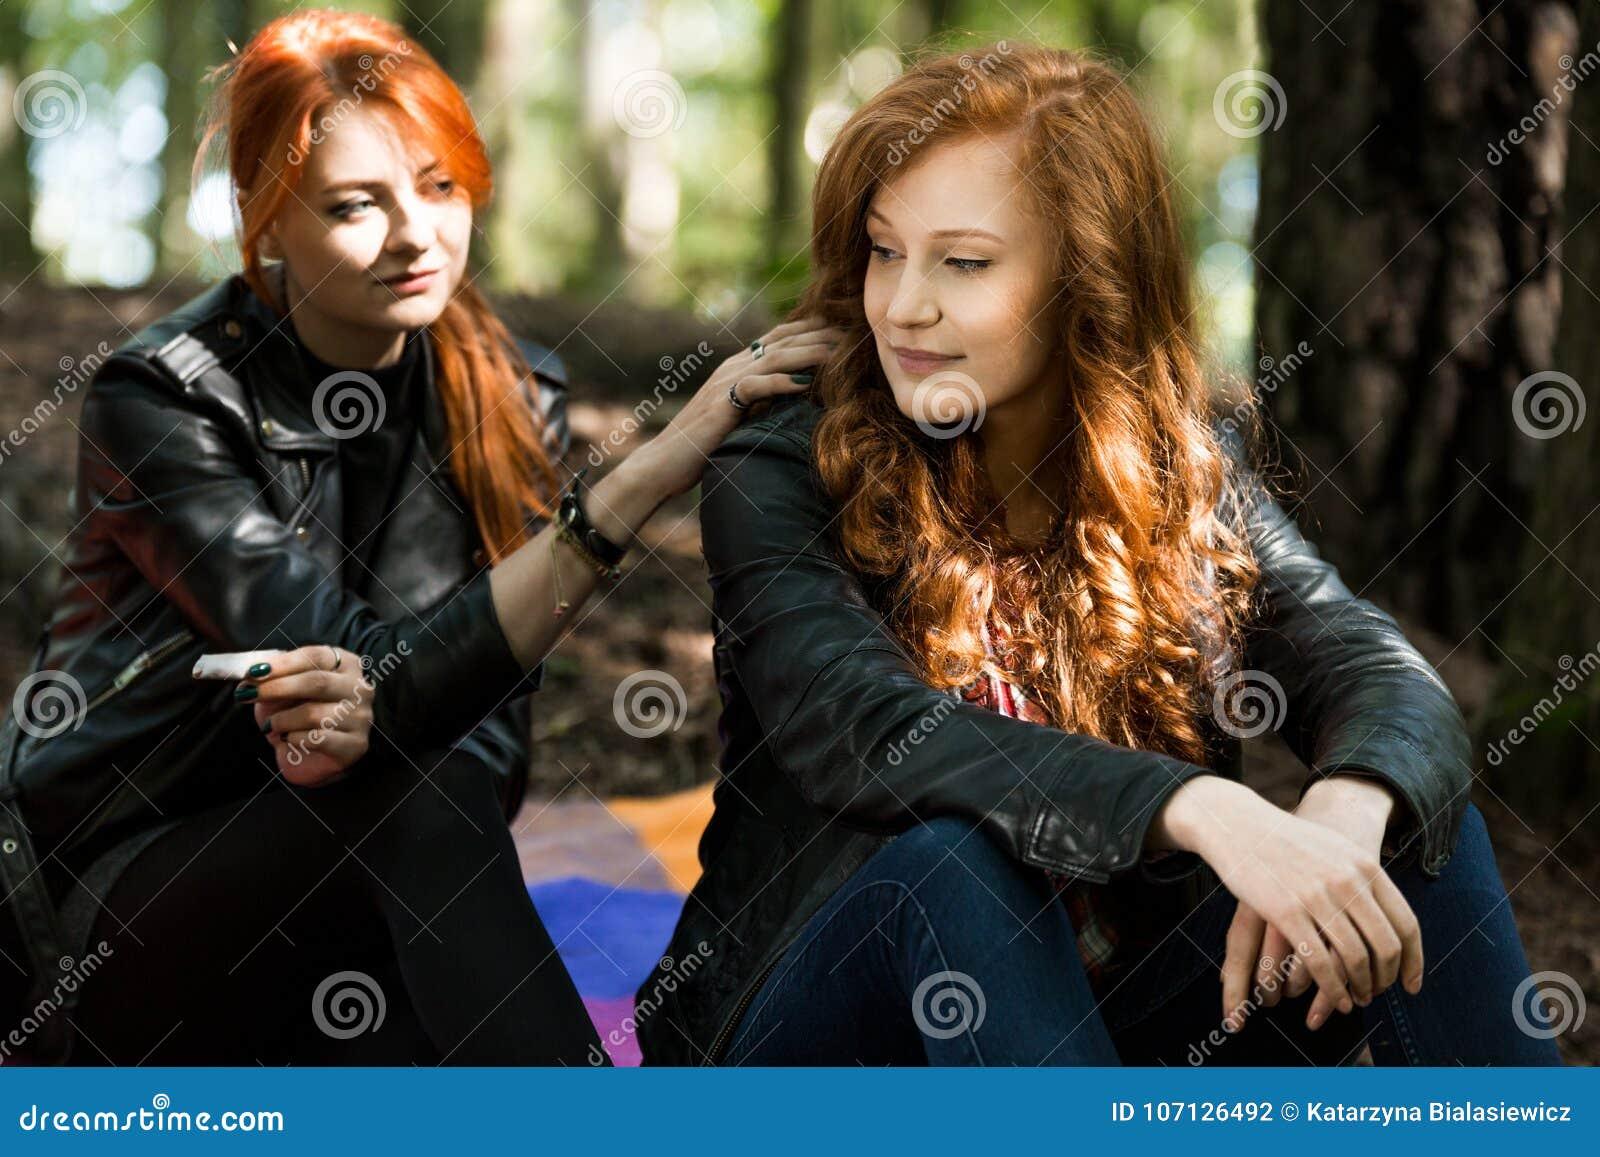 Лесбиянки маленькие девочки смотреть видео бесплатно